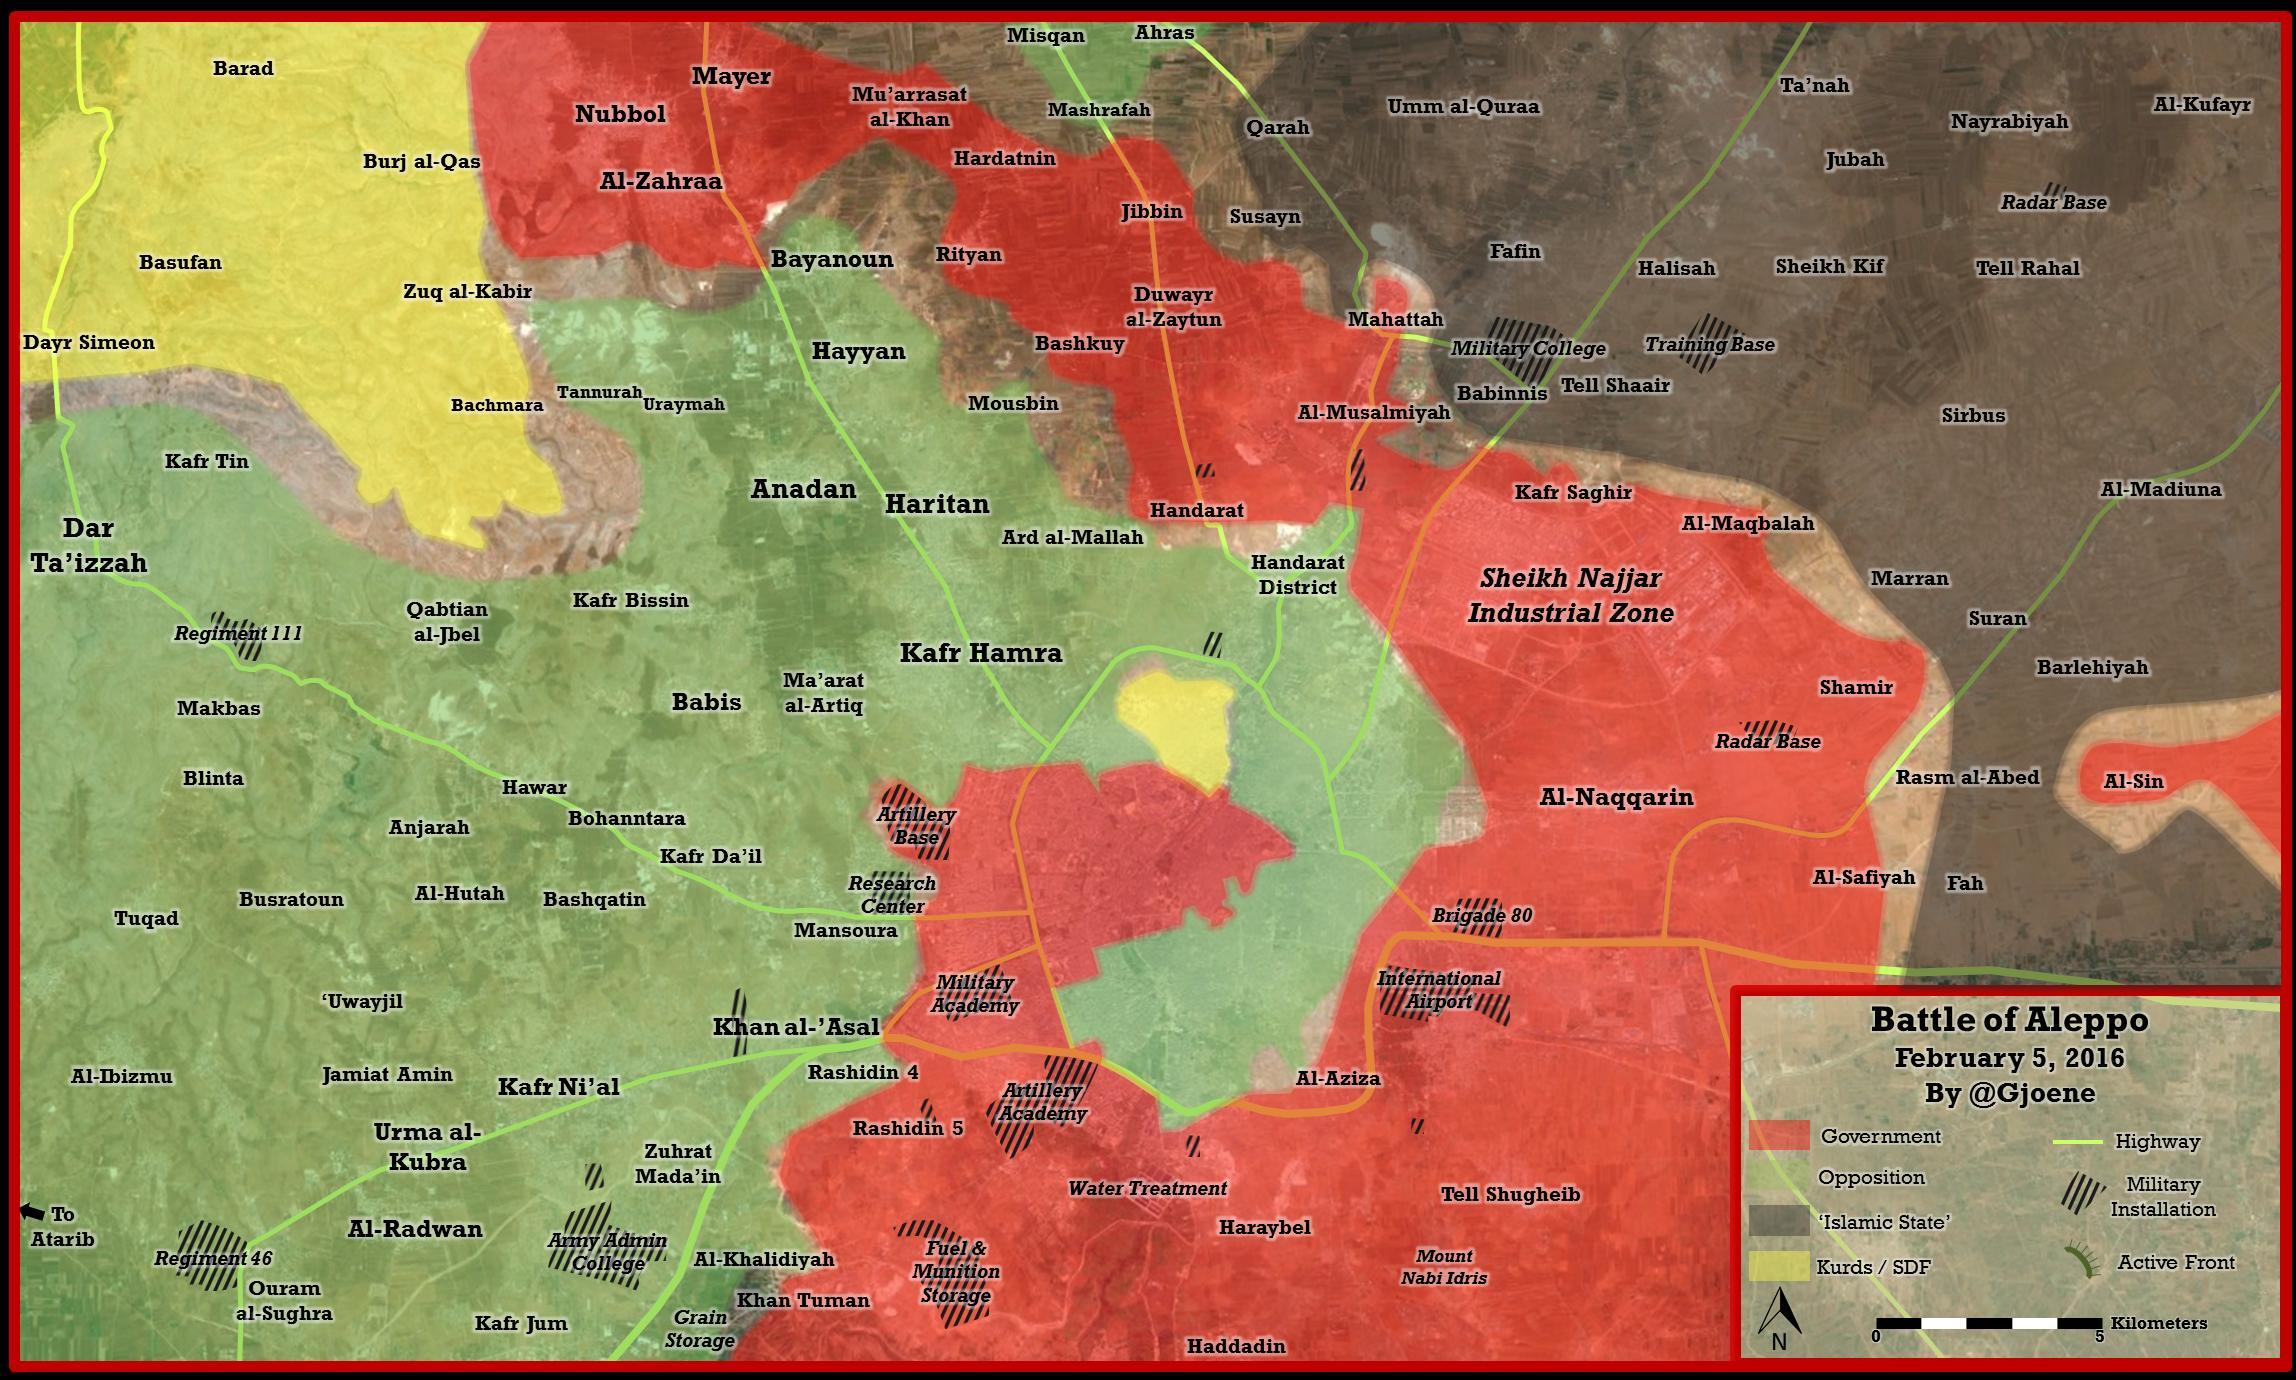 Карта наступления сил режима на сирийскую оппозицию в Алеппо, Сирия